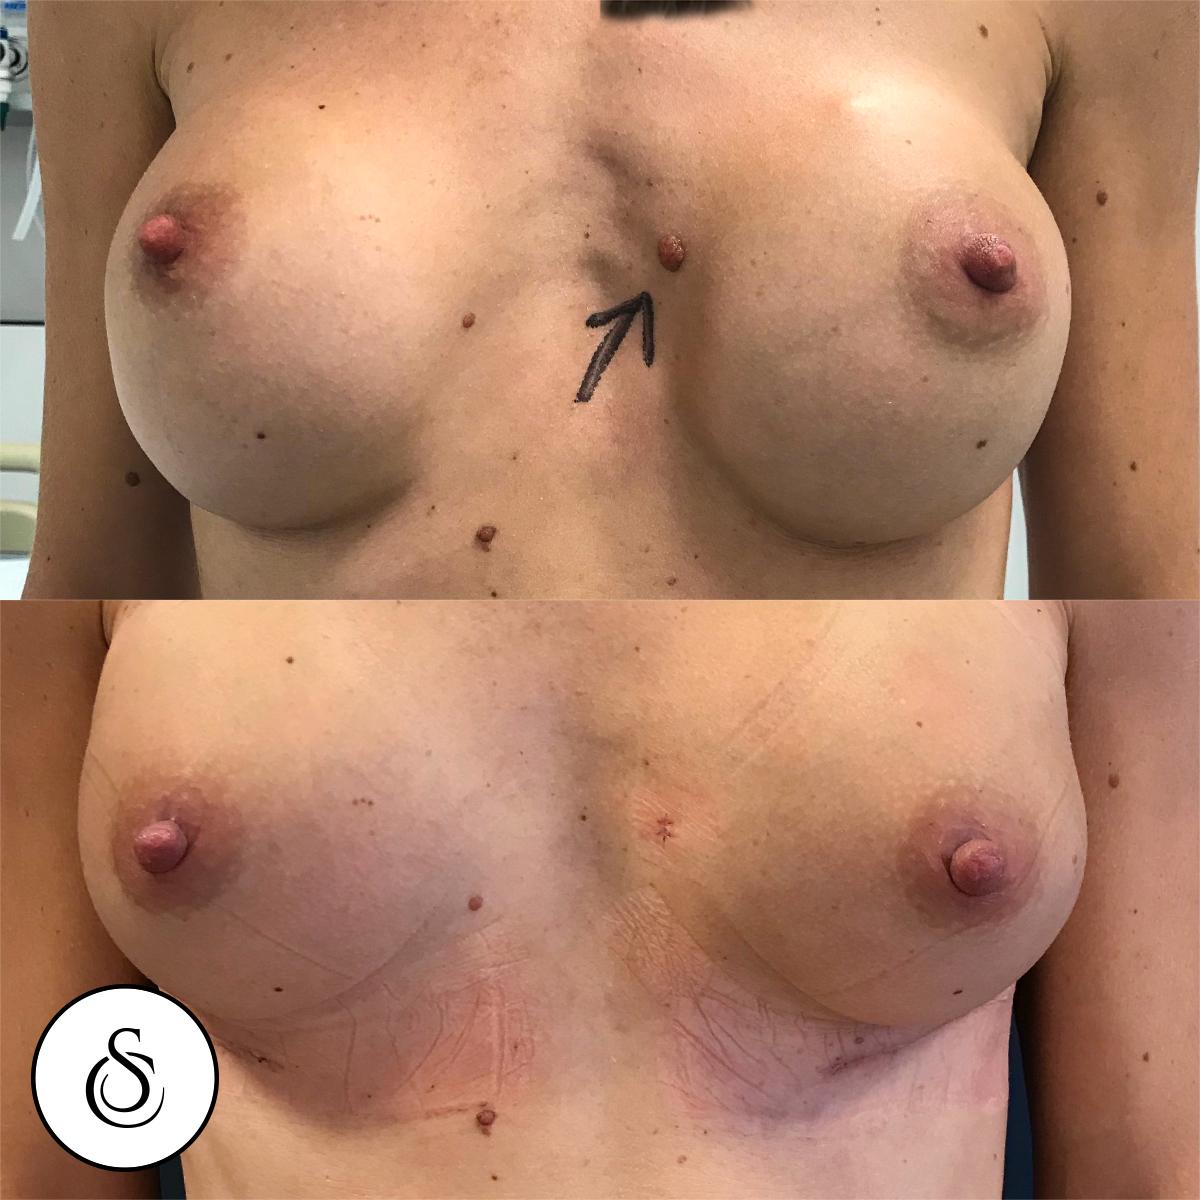 Redo borstaugmentatie inclusief verwijderen moedervlek